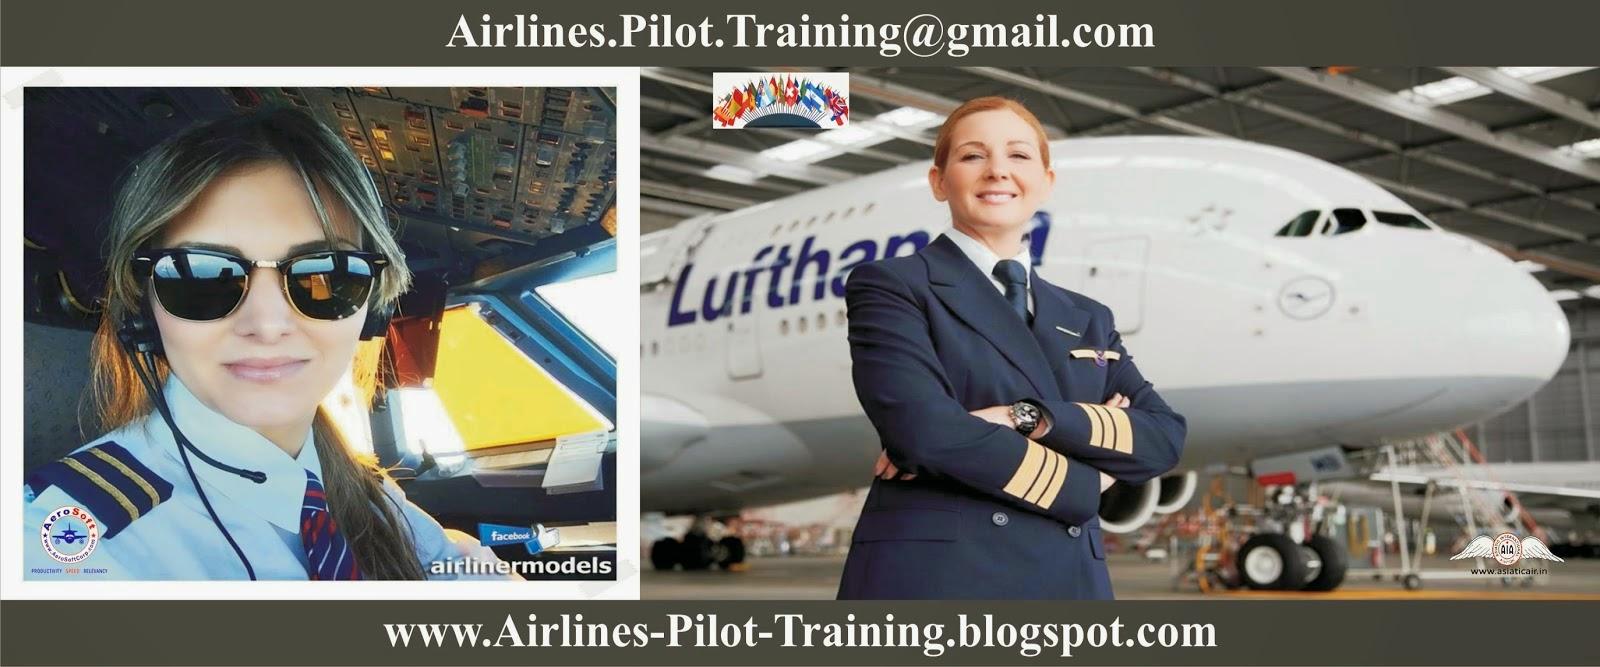 Airlines-Pilot-training